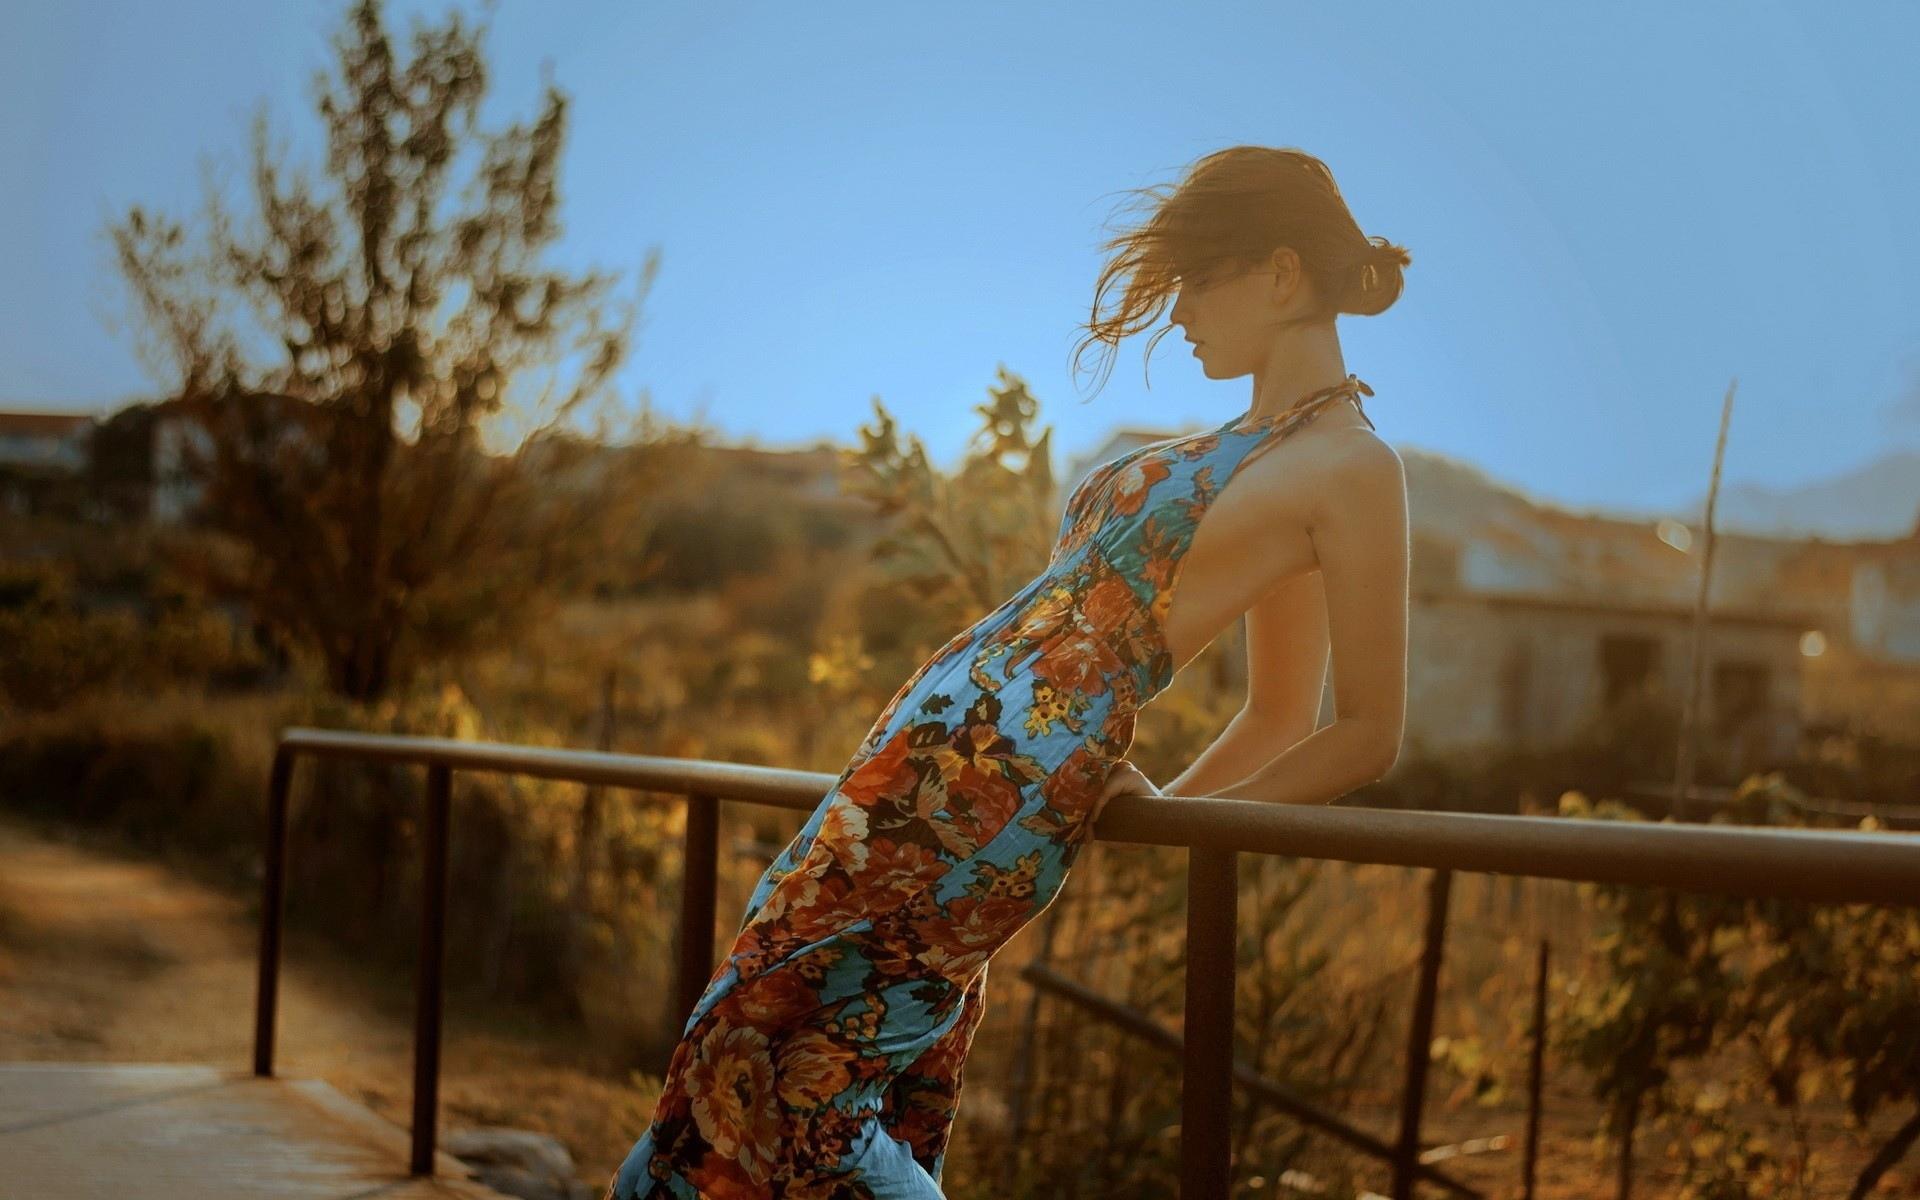 デスクトップ壁紙 19x10 Px 大人 建築 アリエル ベイビー 建物 ドレス 女性 フェンス 女の子 草 家 風景 モデル 気分 ポルノ ポーズ レール 赤毛 官能的な セクシー 空 柔らかい スタイル 木 19x10 Wallup